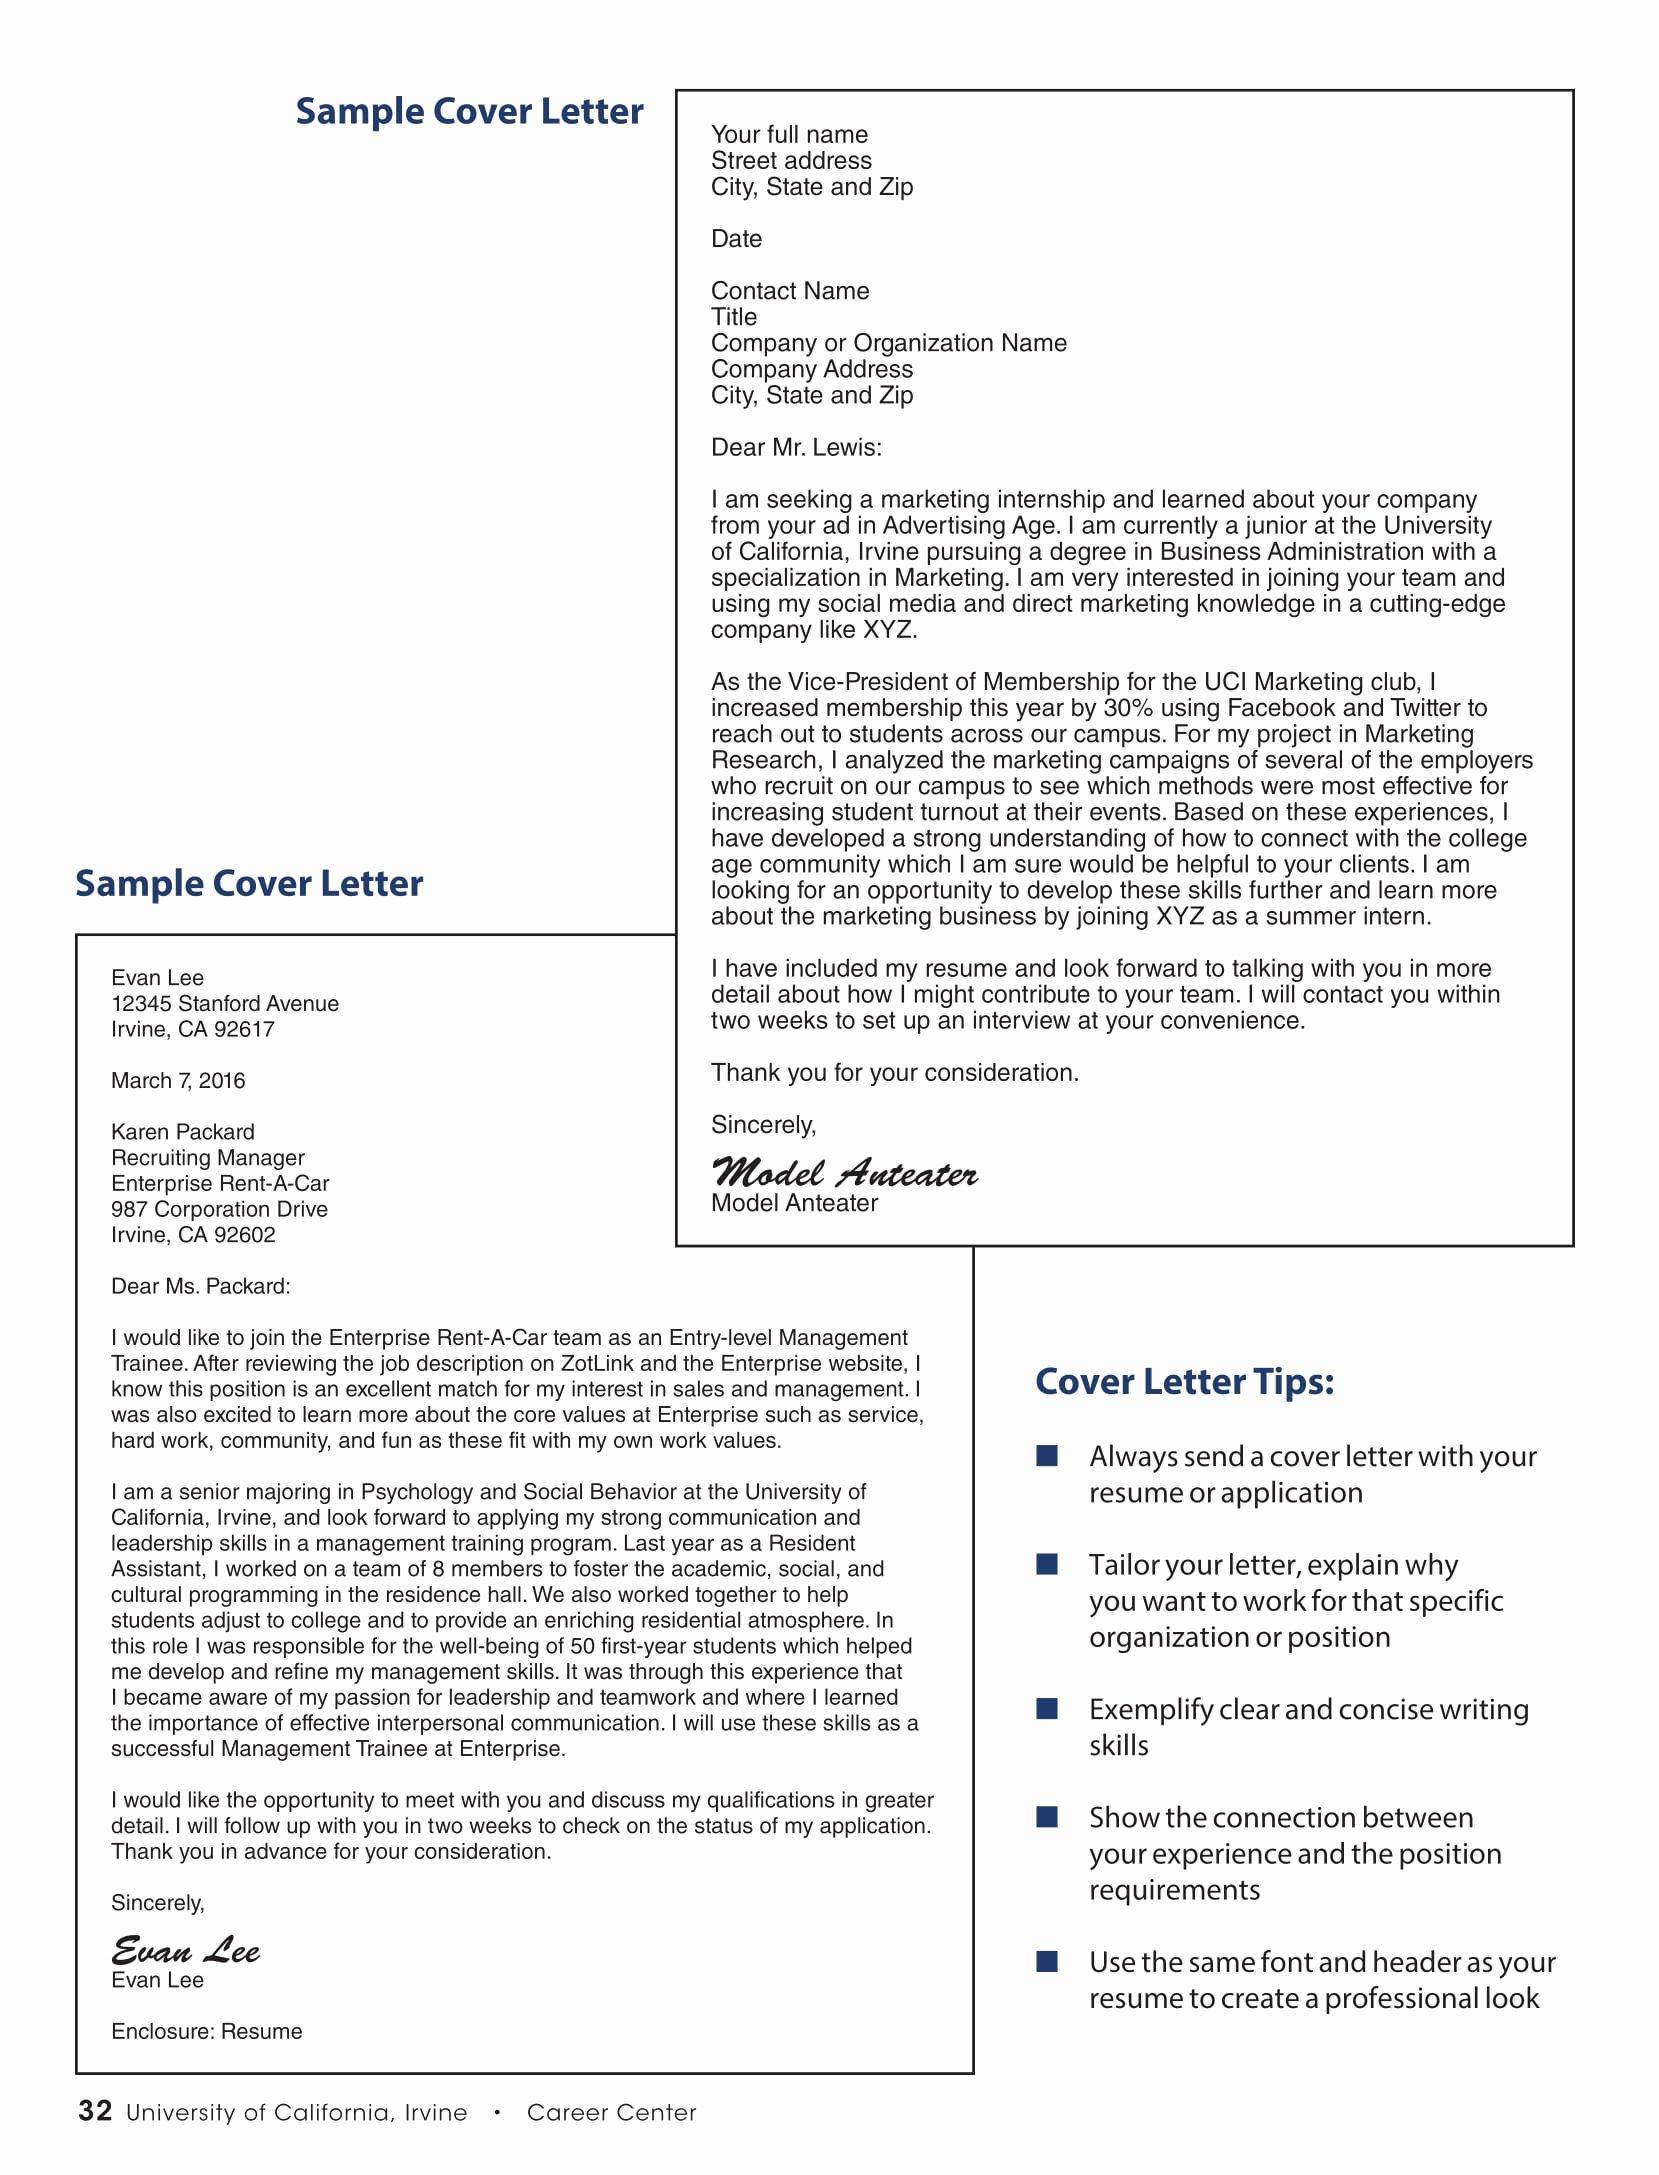 Internship Cover Letter Sample Inspirational 16 Best Cover Letter Samples for Internship Wisestep